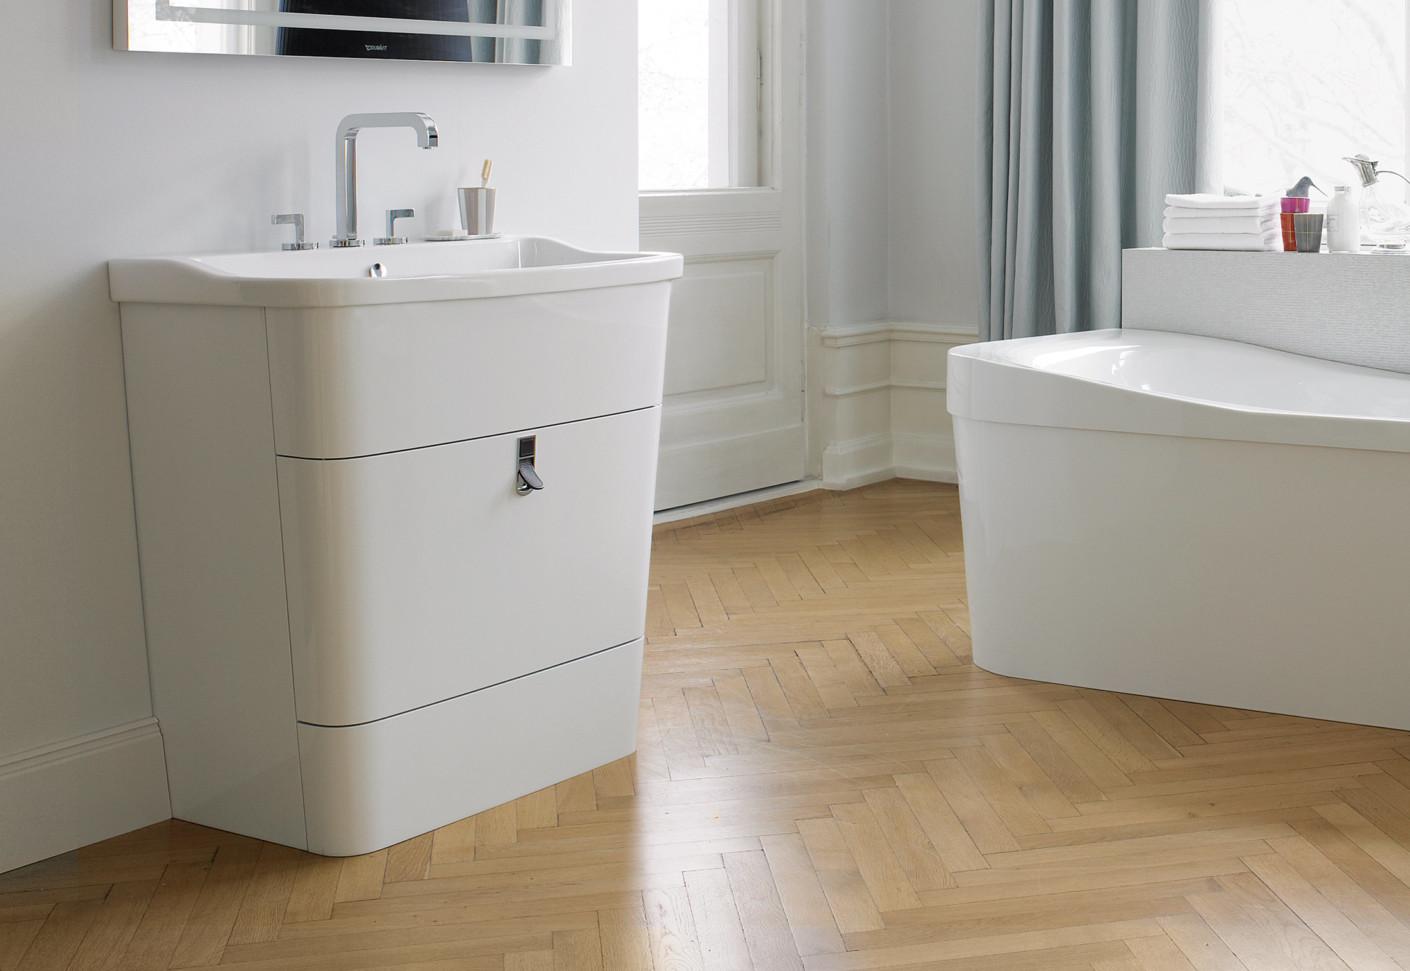 esplanade waschtisch klein von duravit stylepark. Black Bedroom Furniture Sets. Home Design Ideas